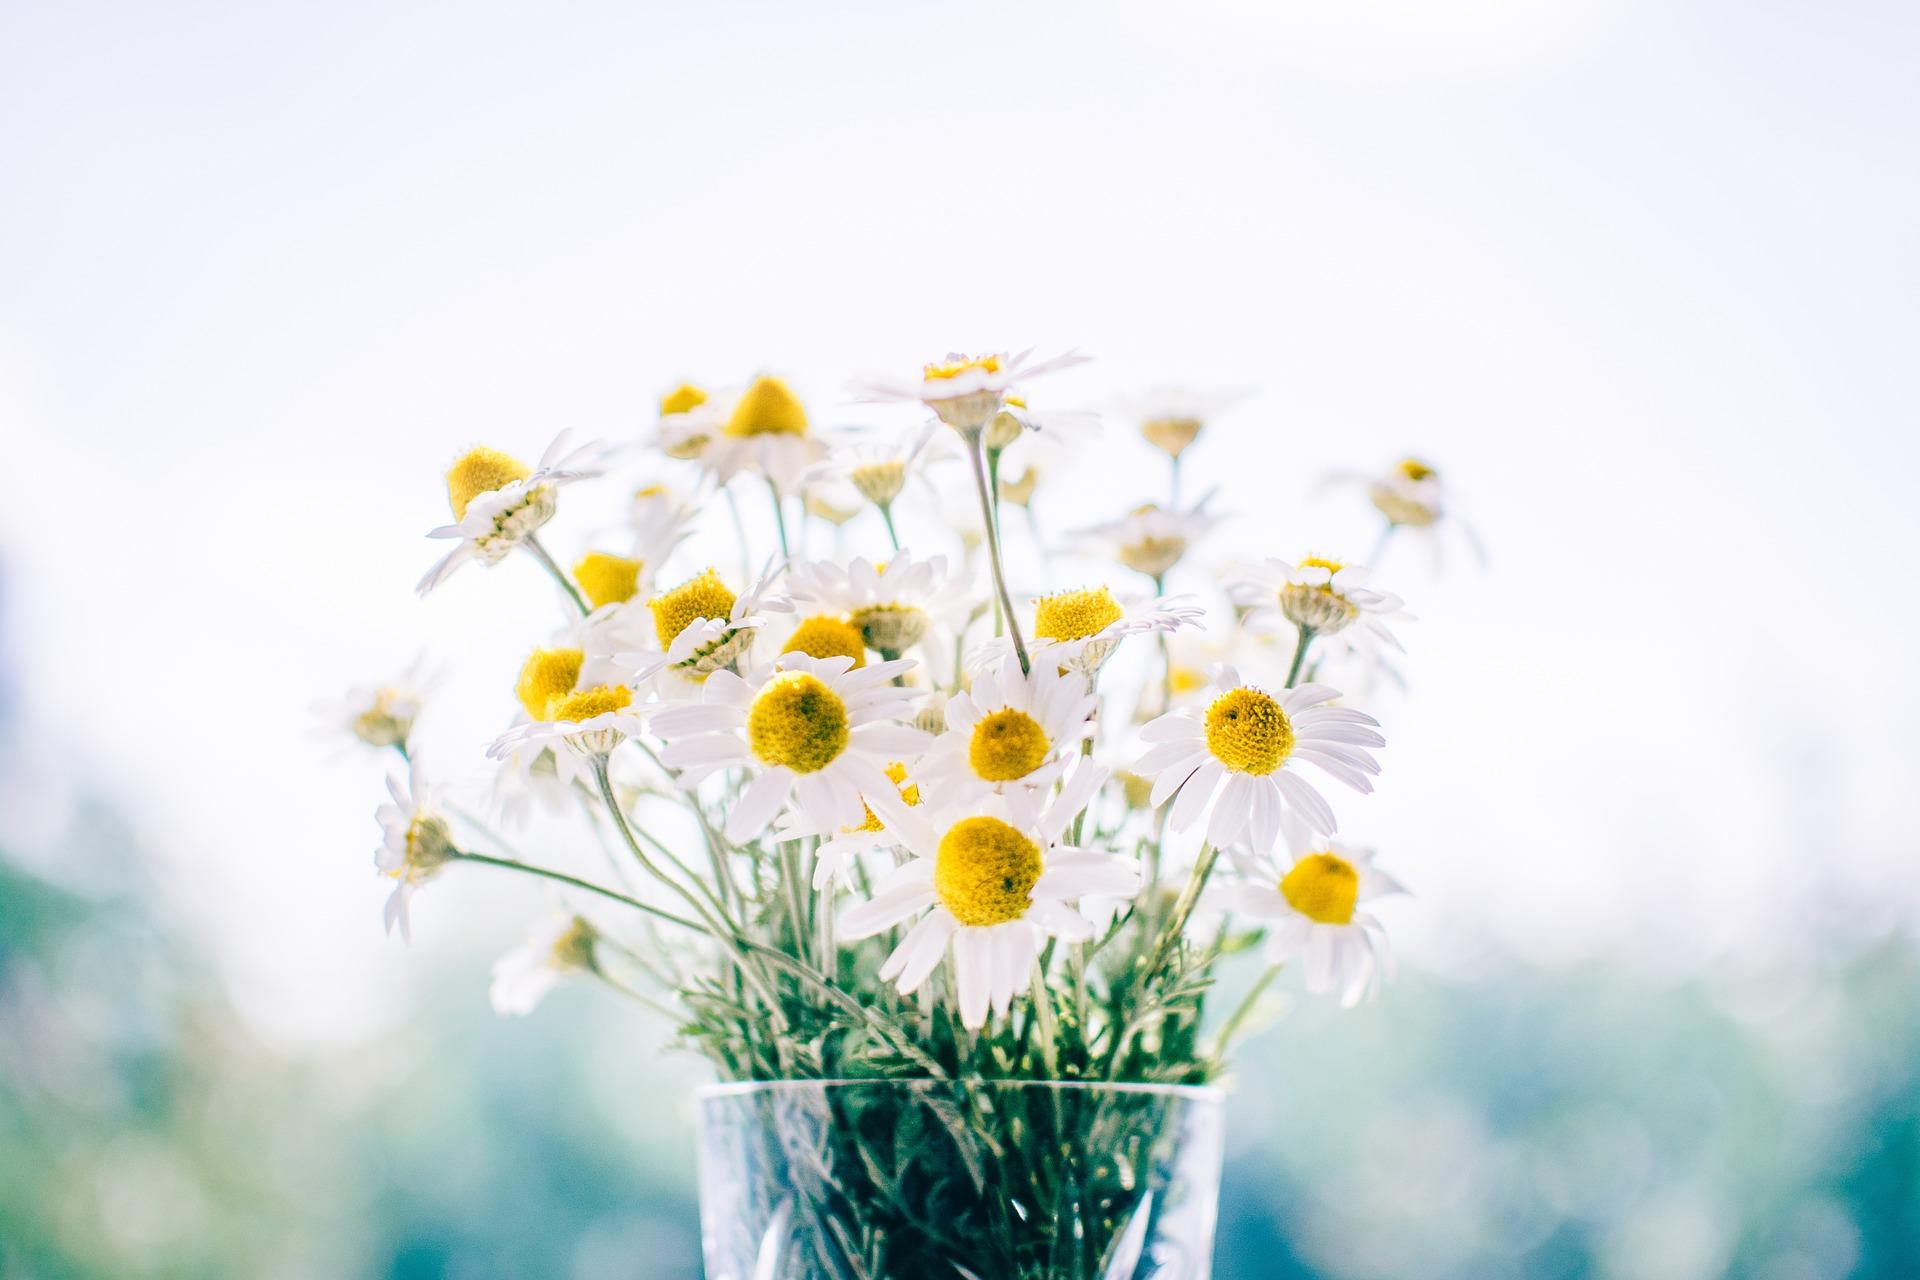 flowers-983897_1920jpg